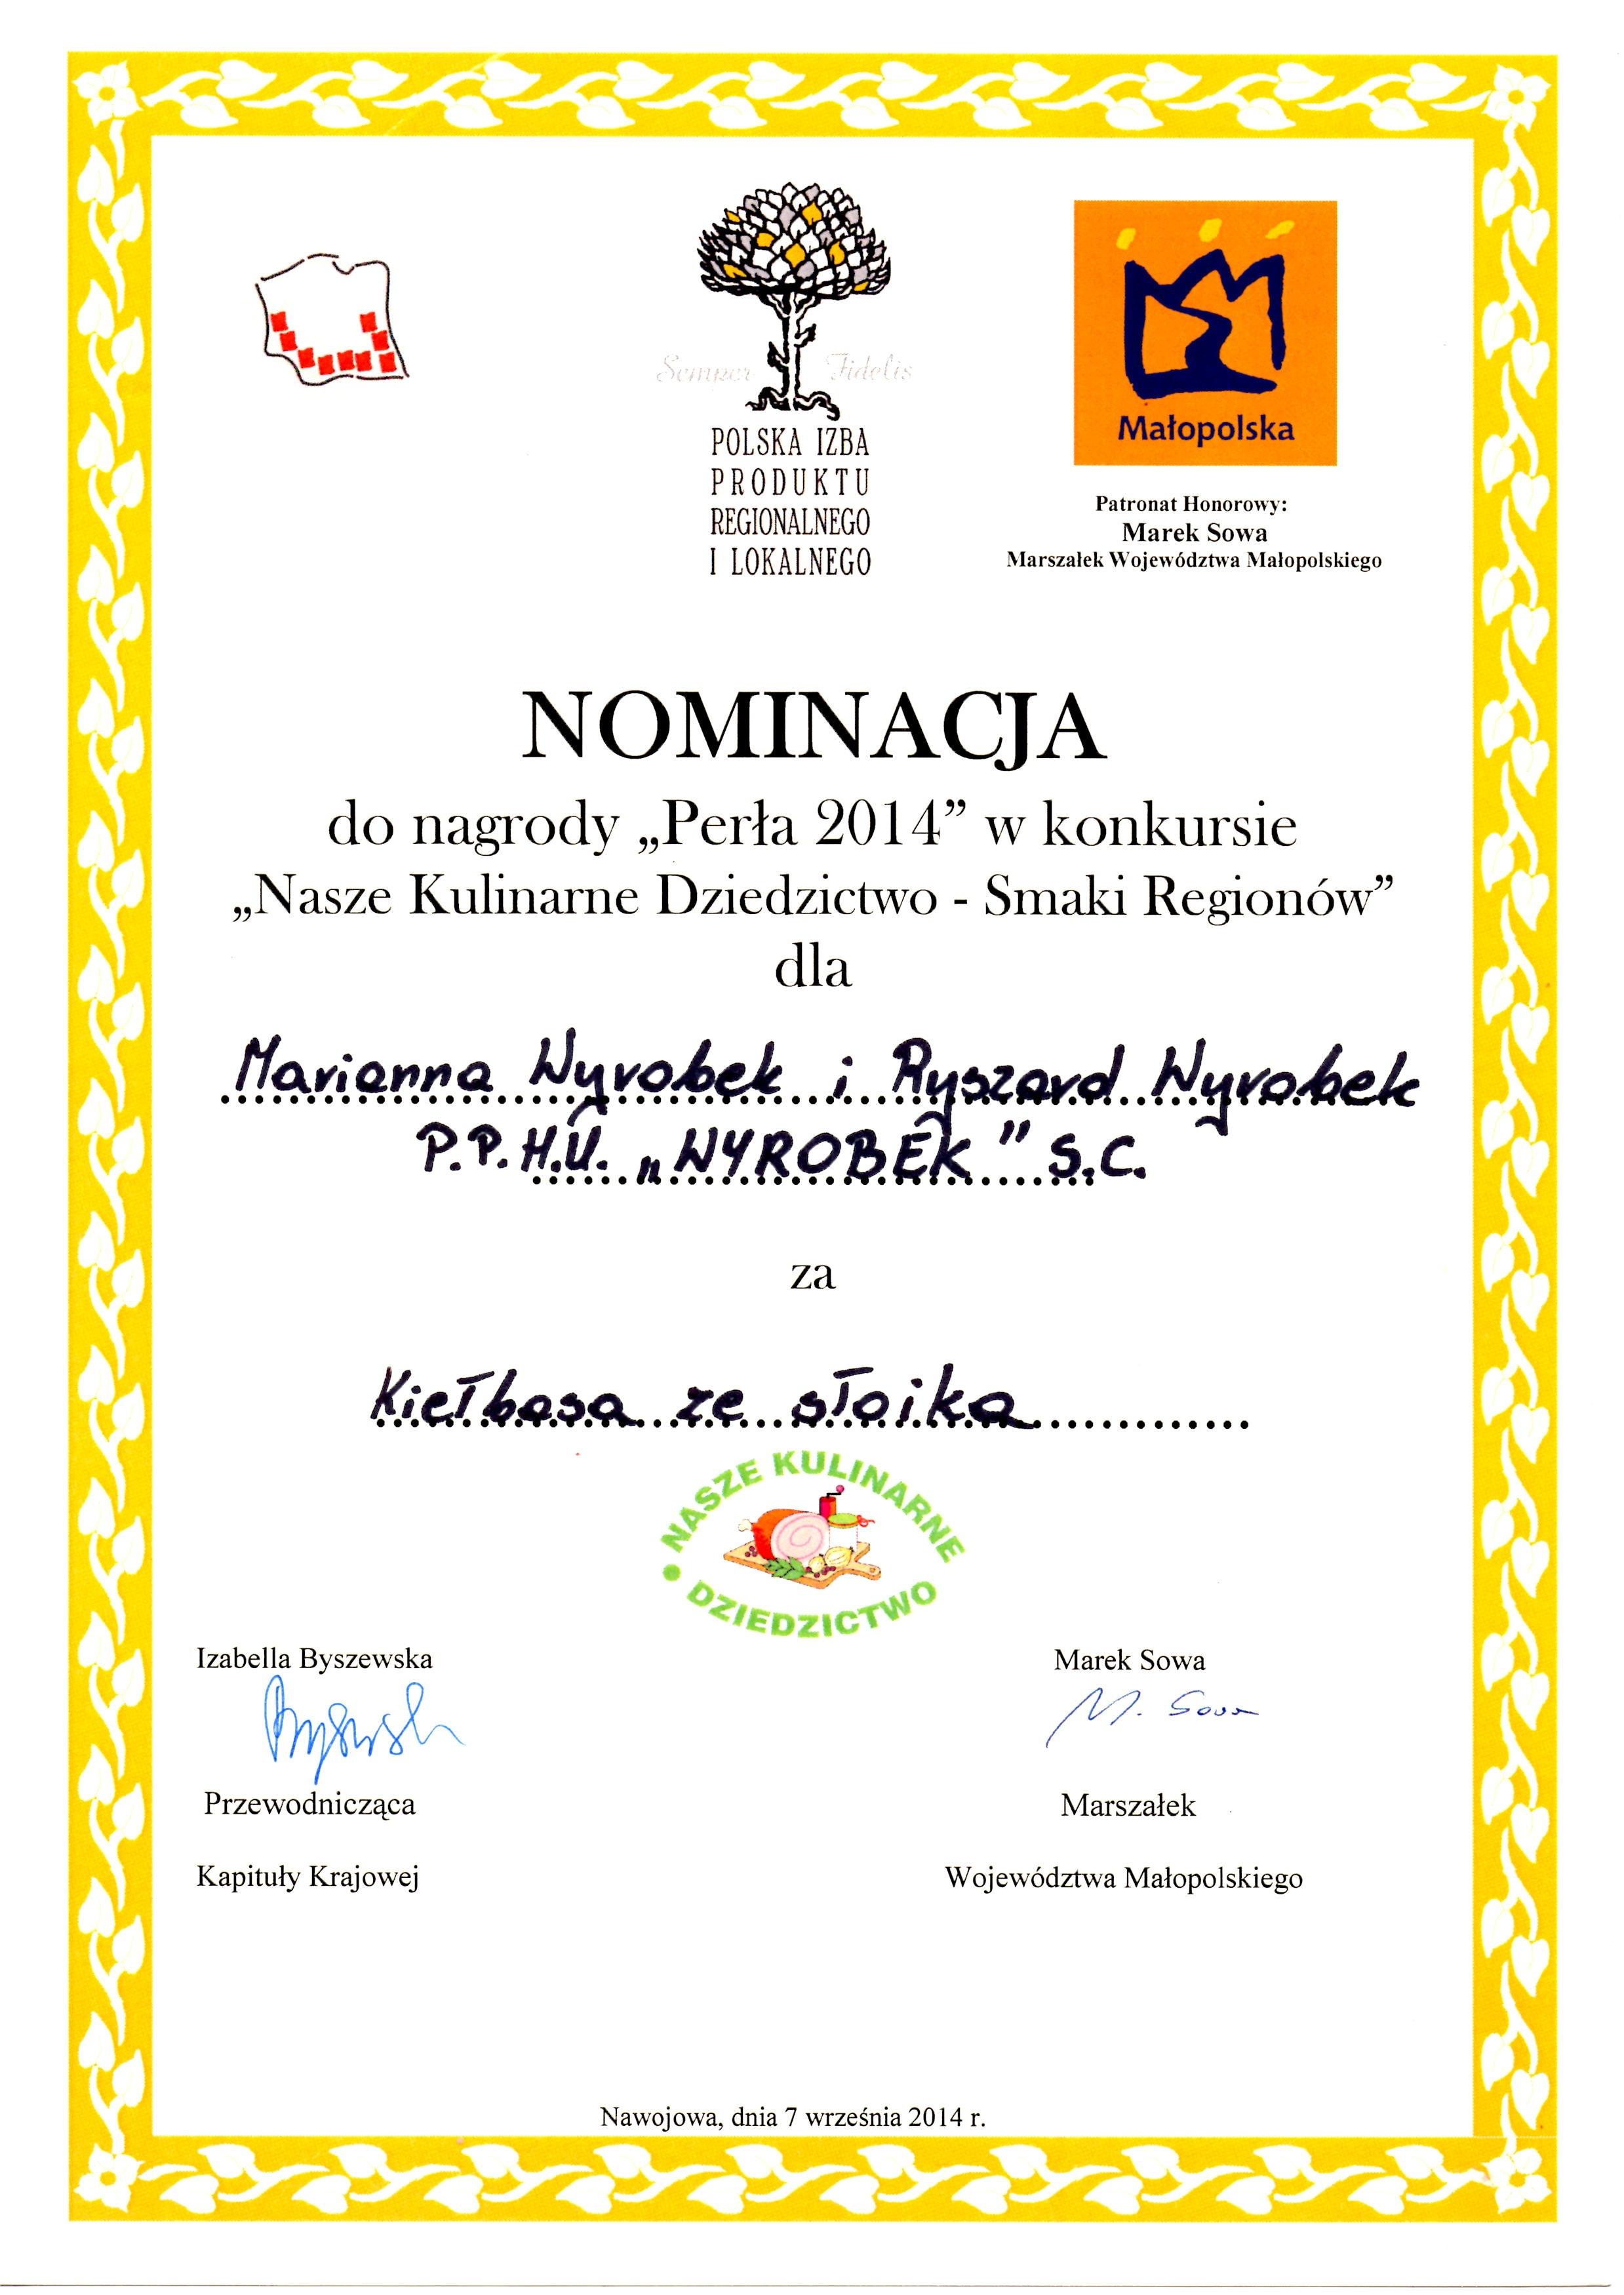 Nasze Kulinarne Dziedzictwo dyplom - dyplom 2.JPG